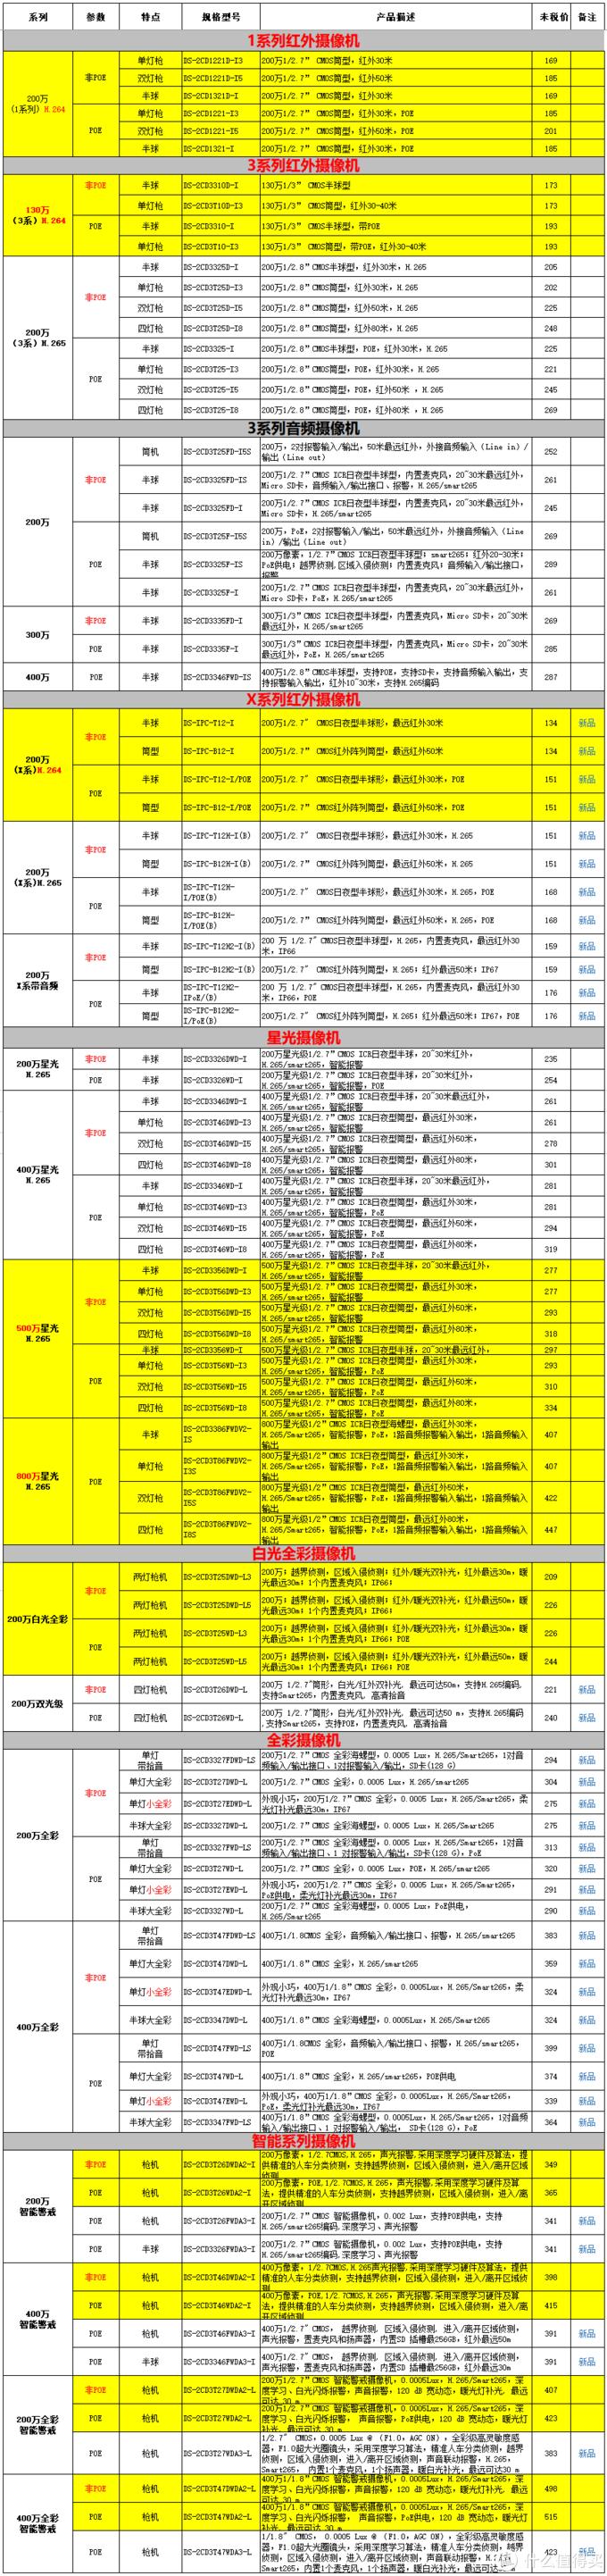 表:摄像机选型